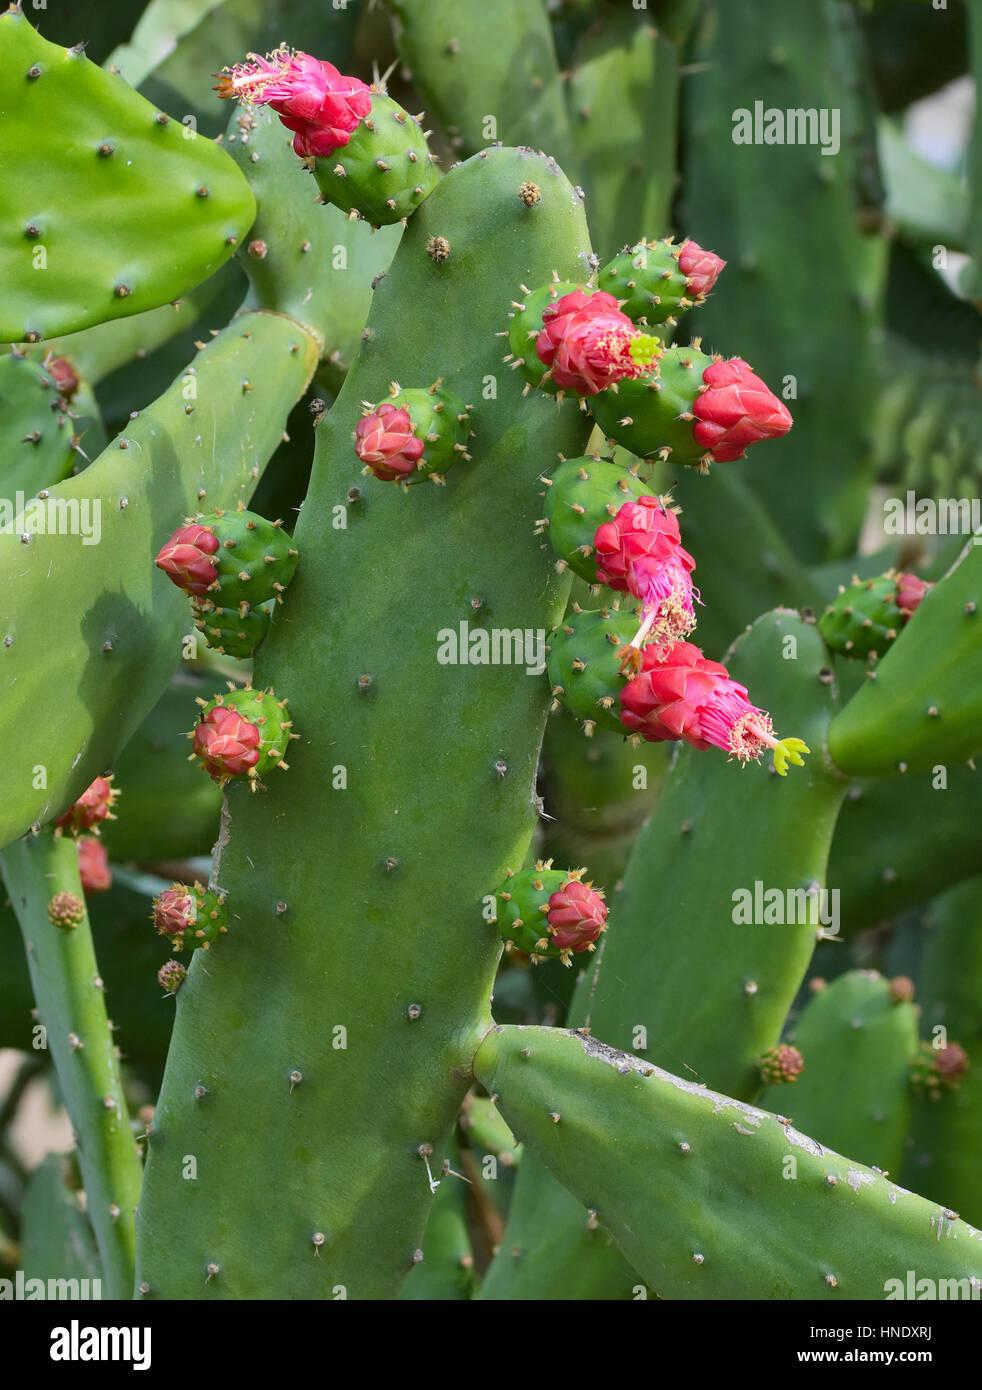 Nahaufnahme von Opuntia Kakteen mit roten Blumen Stockbild